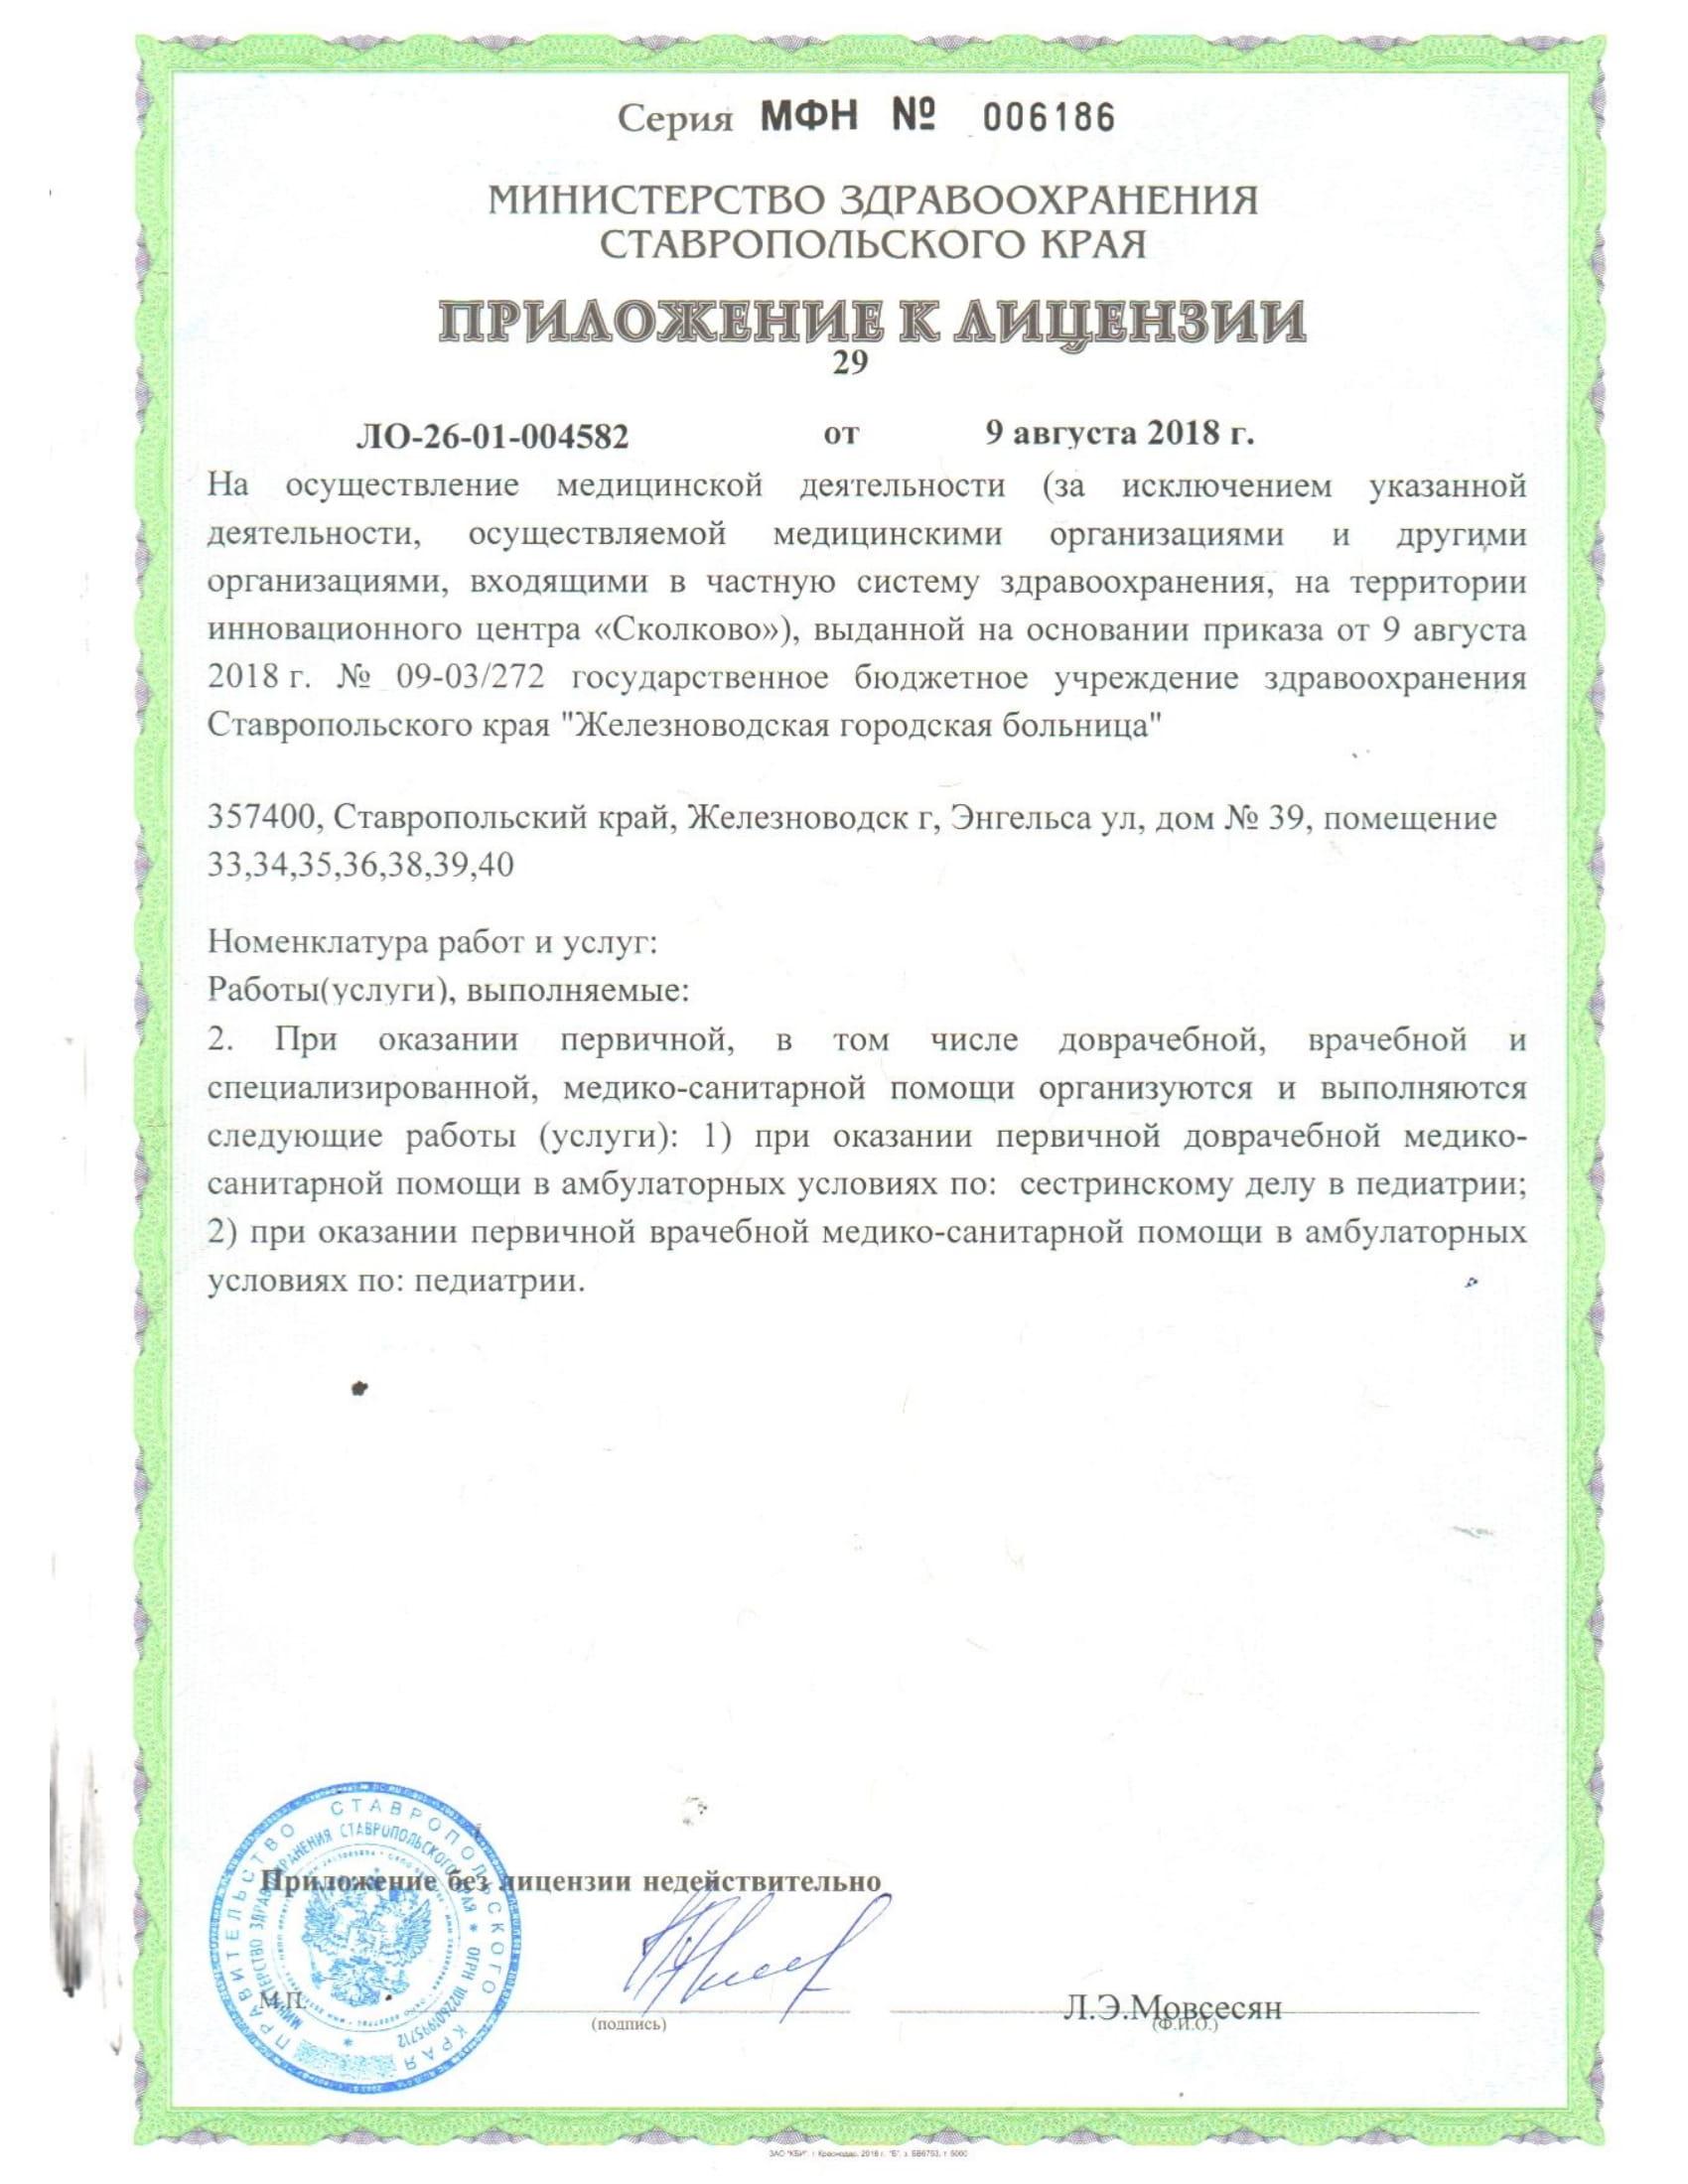 лицензия 2018 от 09.08.2018-36